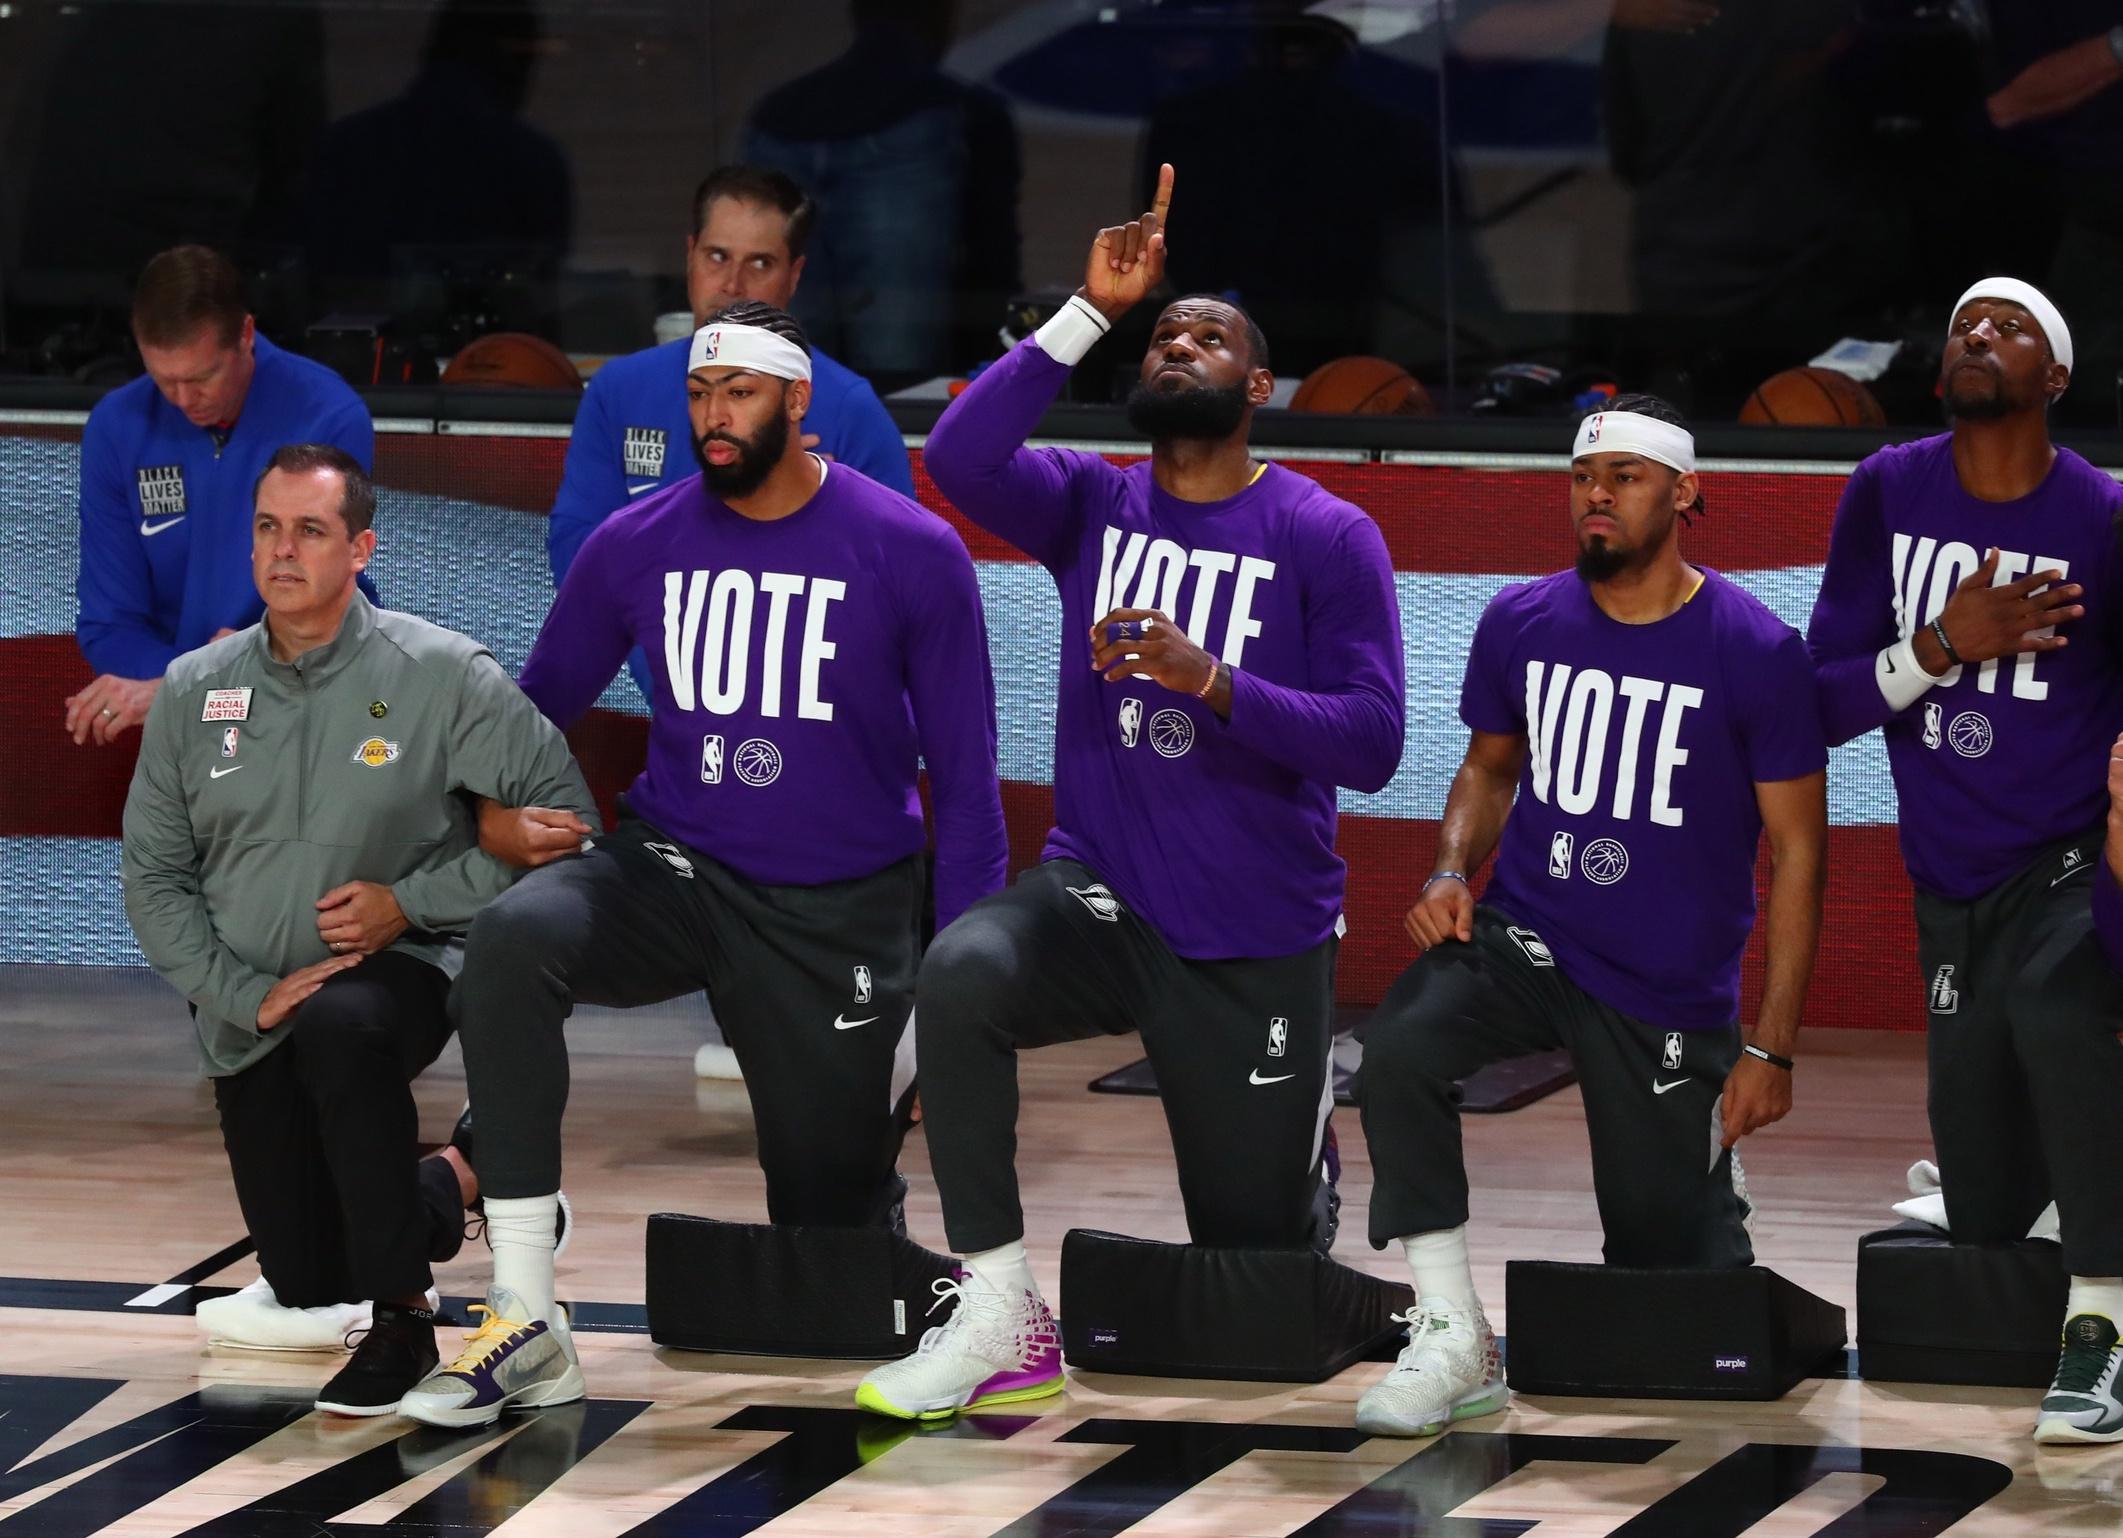 人紅是非多!聯盟部分經紀人:詹皇迷戀於刻意營造傳奇,很多事他都排練好了-黑特籃球-NBA新聞影音圖片分享社區